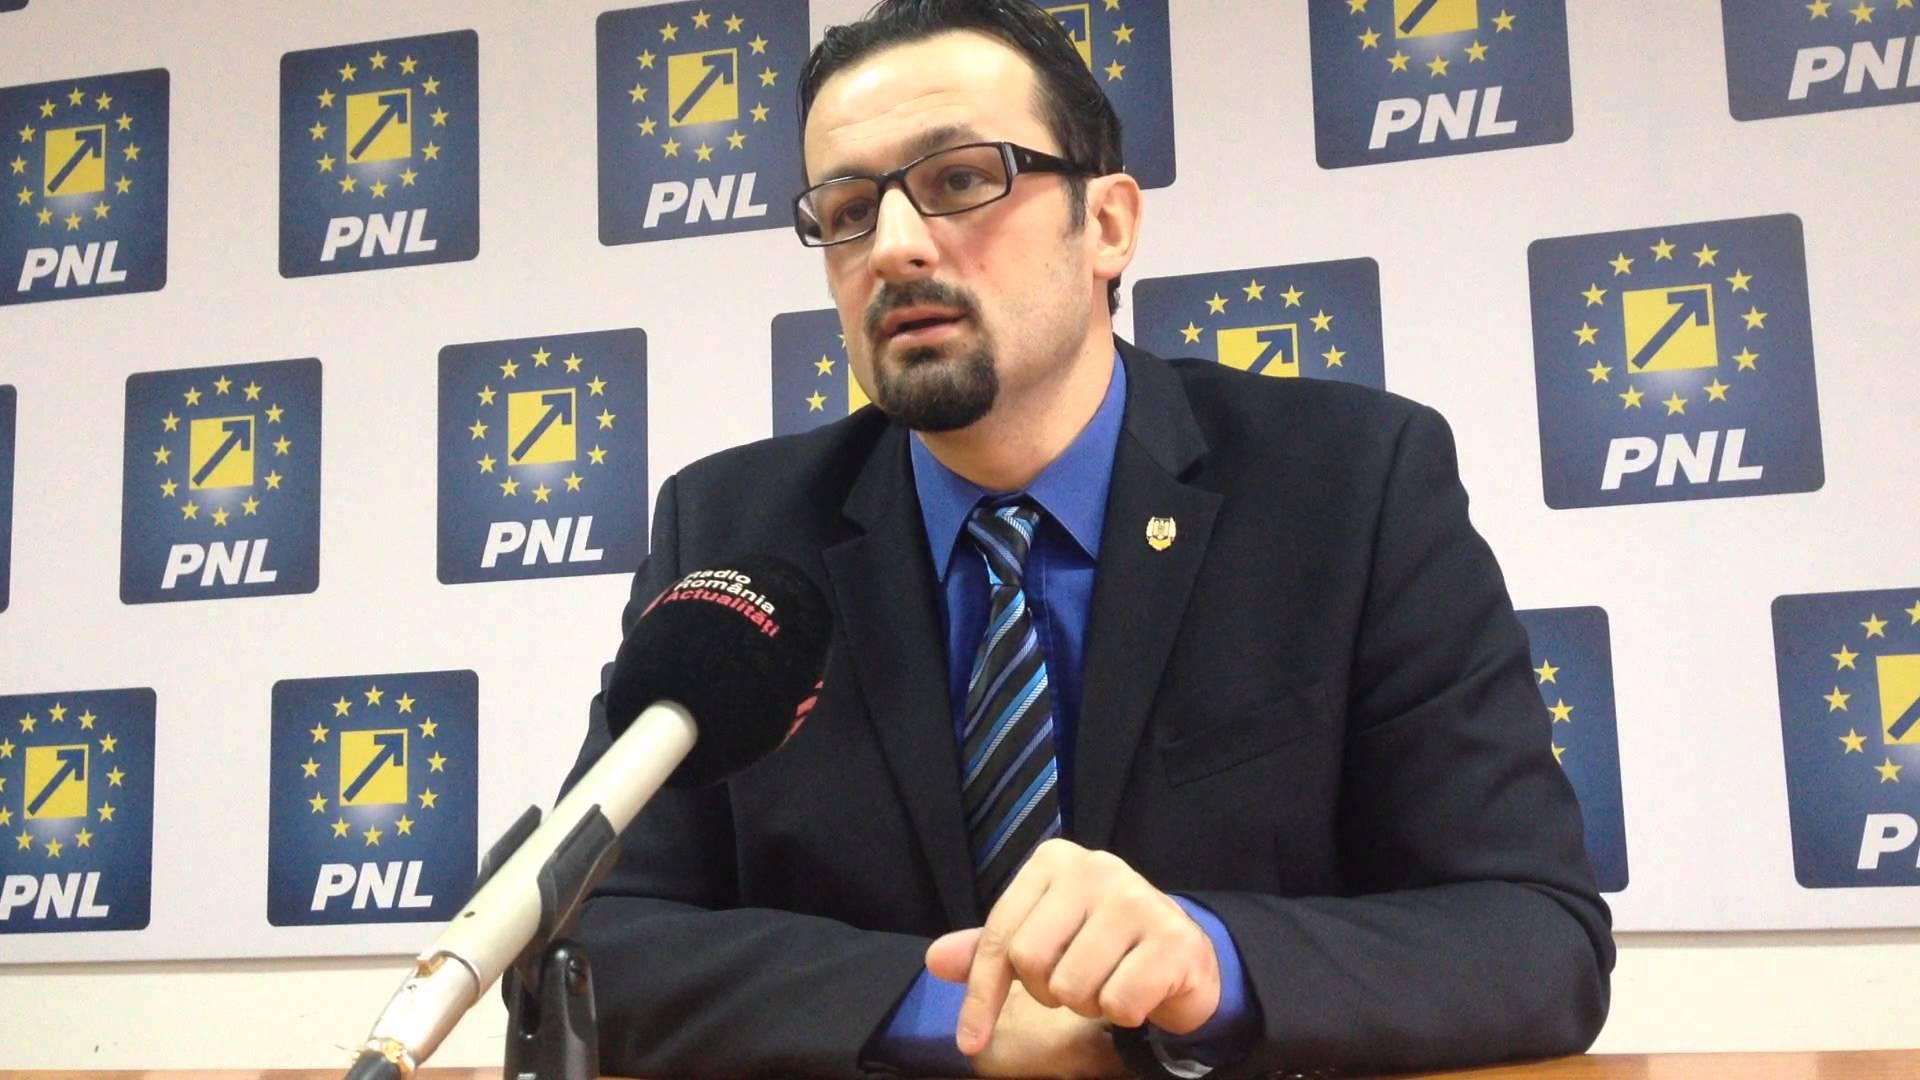 Cristian Bodea- Inamicul numărul unu al oricărui liberal este dictatura! Iar Iohannis al vostru asta a făcut